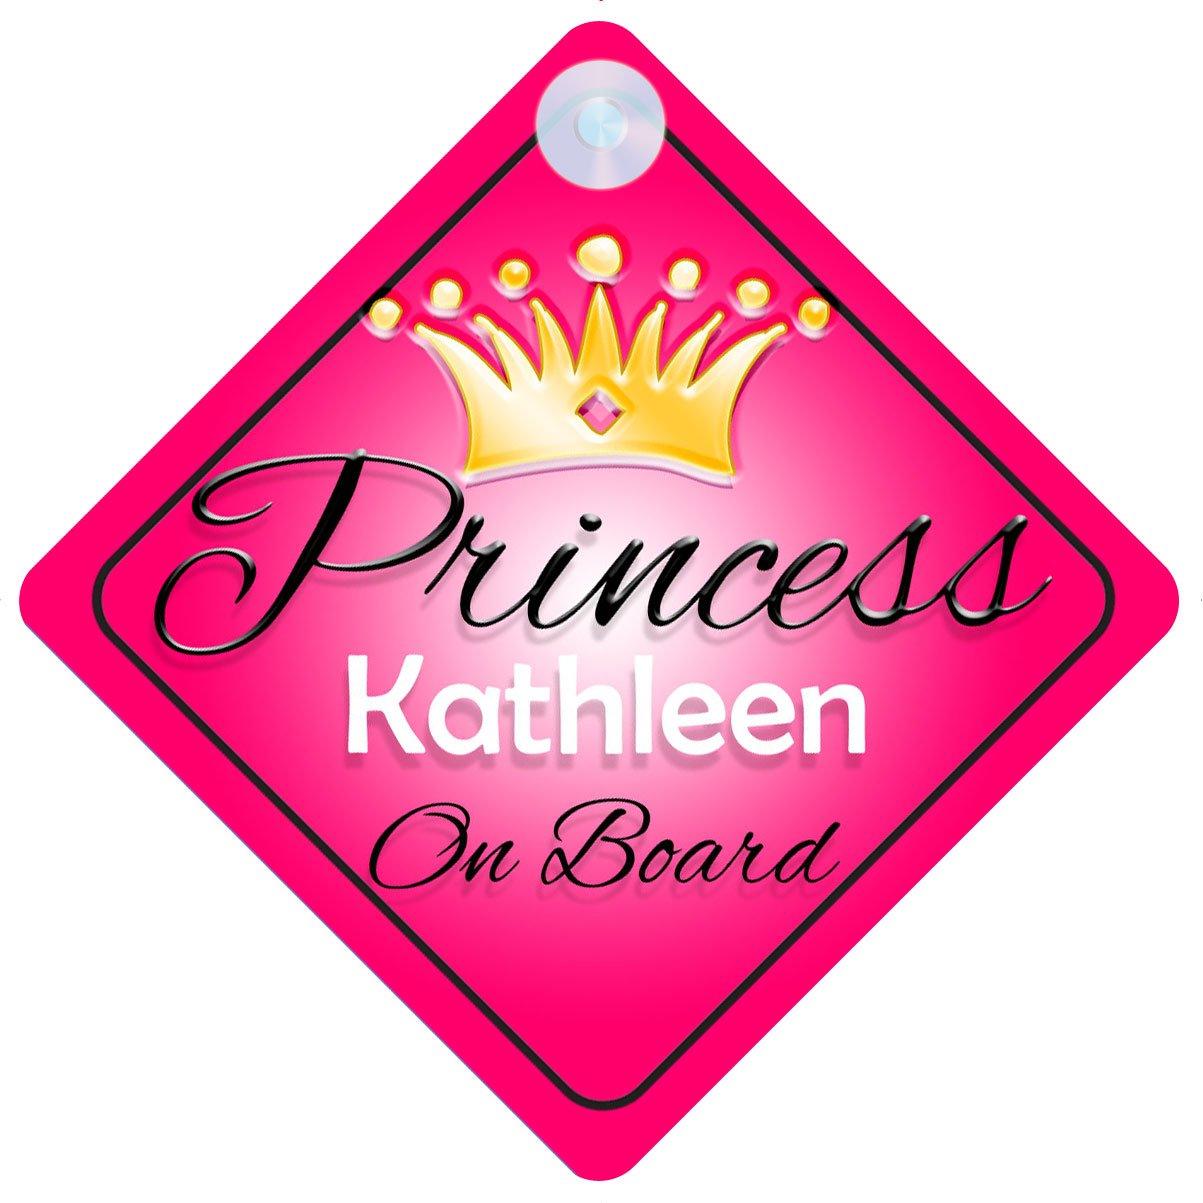 Enseigne pour voiture personnalisable pour fille avec inscription 'Princess Kathleen on board' - Cadeau enfant (Franç ais non garanti) Quality Goods Ltd